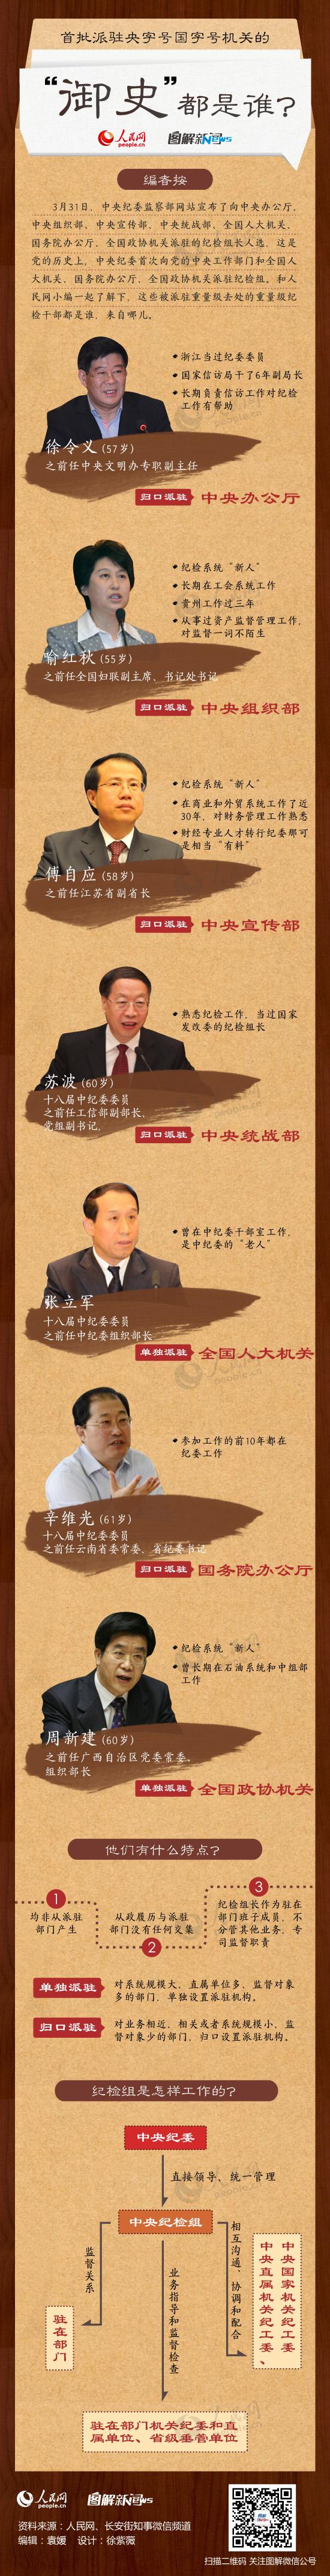 """图解:首批派驻央字号国字号机关的""""御史""""都是谁? - 人在上海    - 沉痛悼念父亲去世五周年,母亲去世一周年!"""